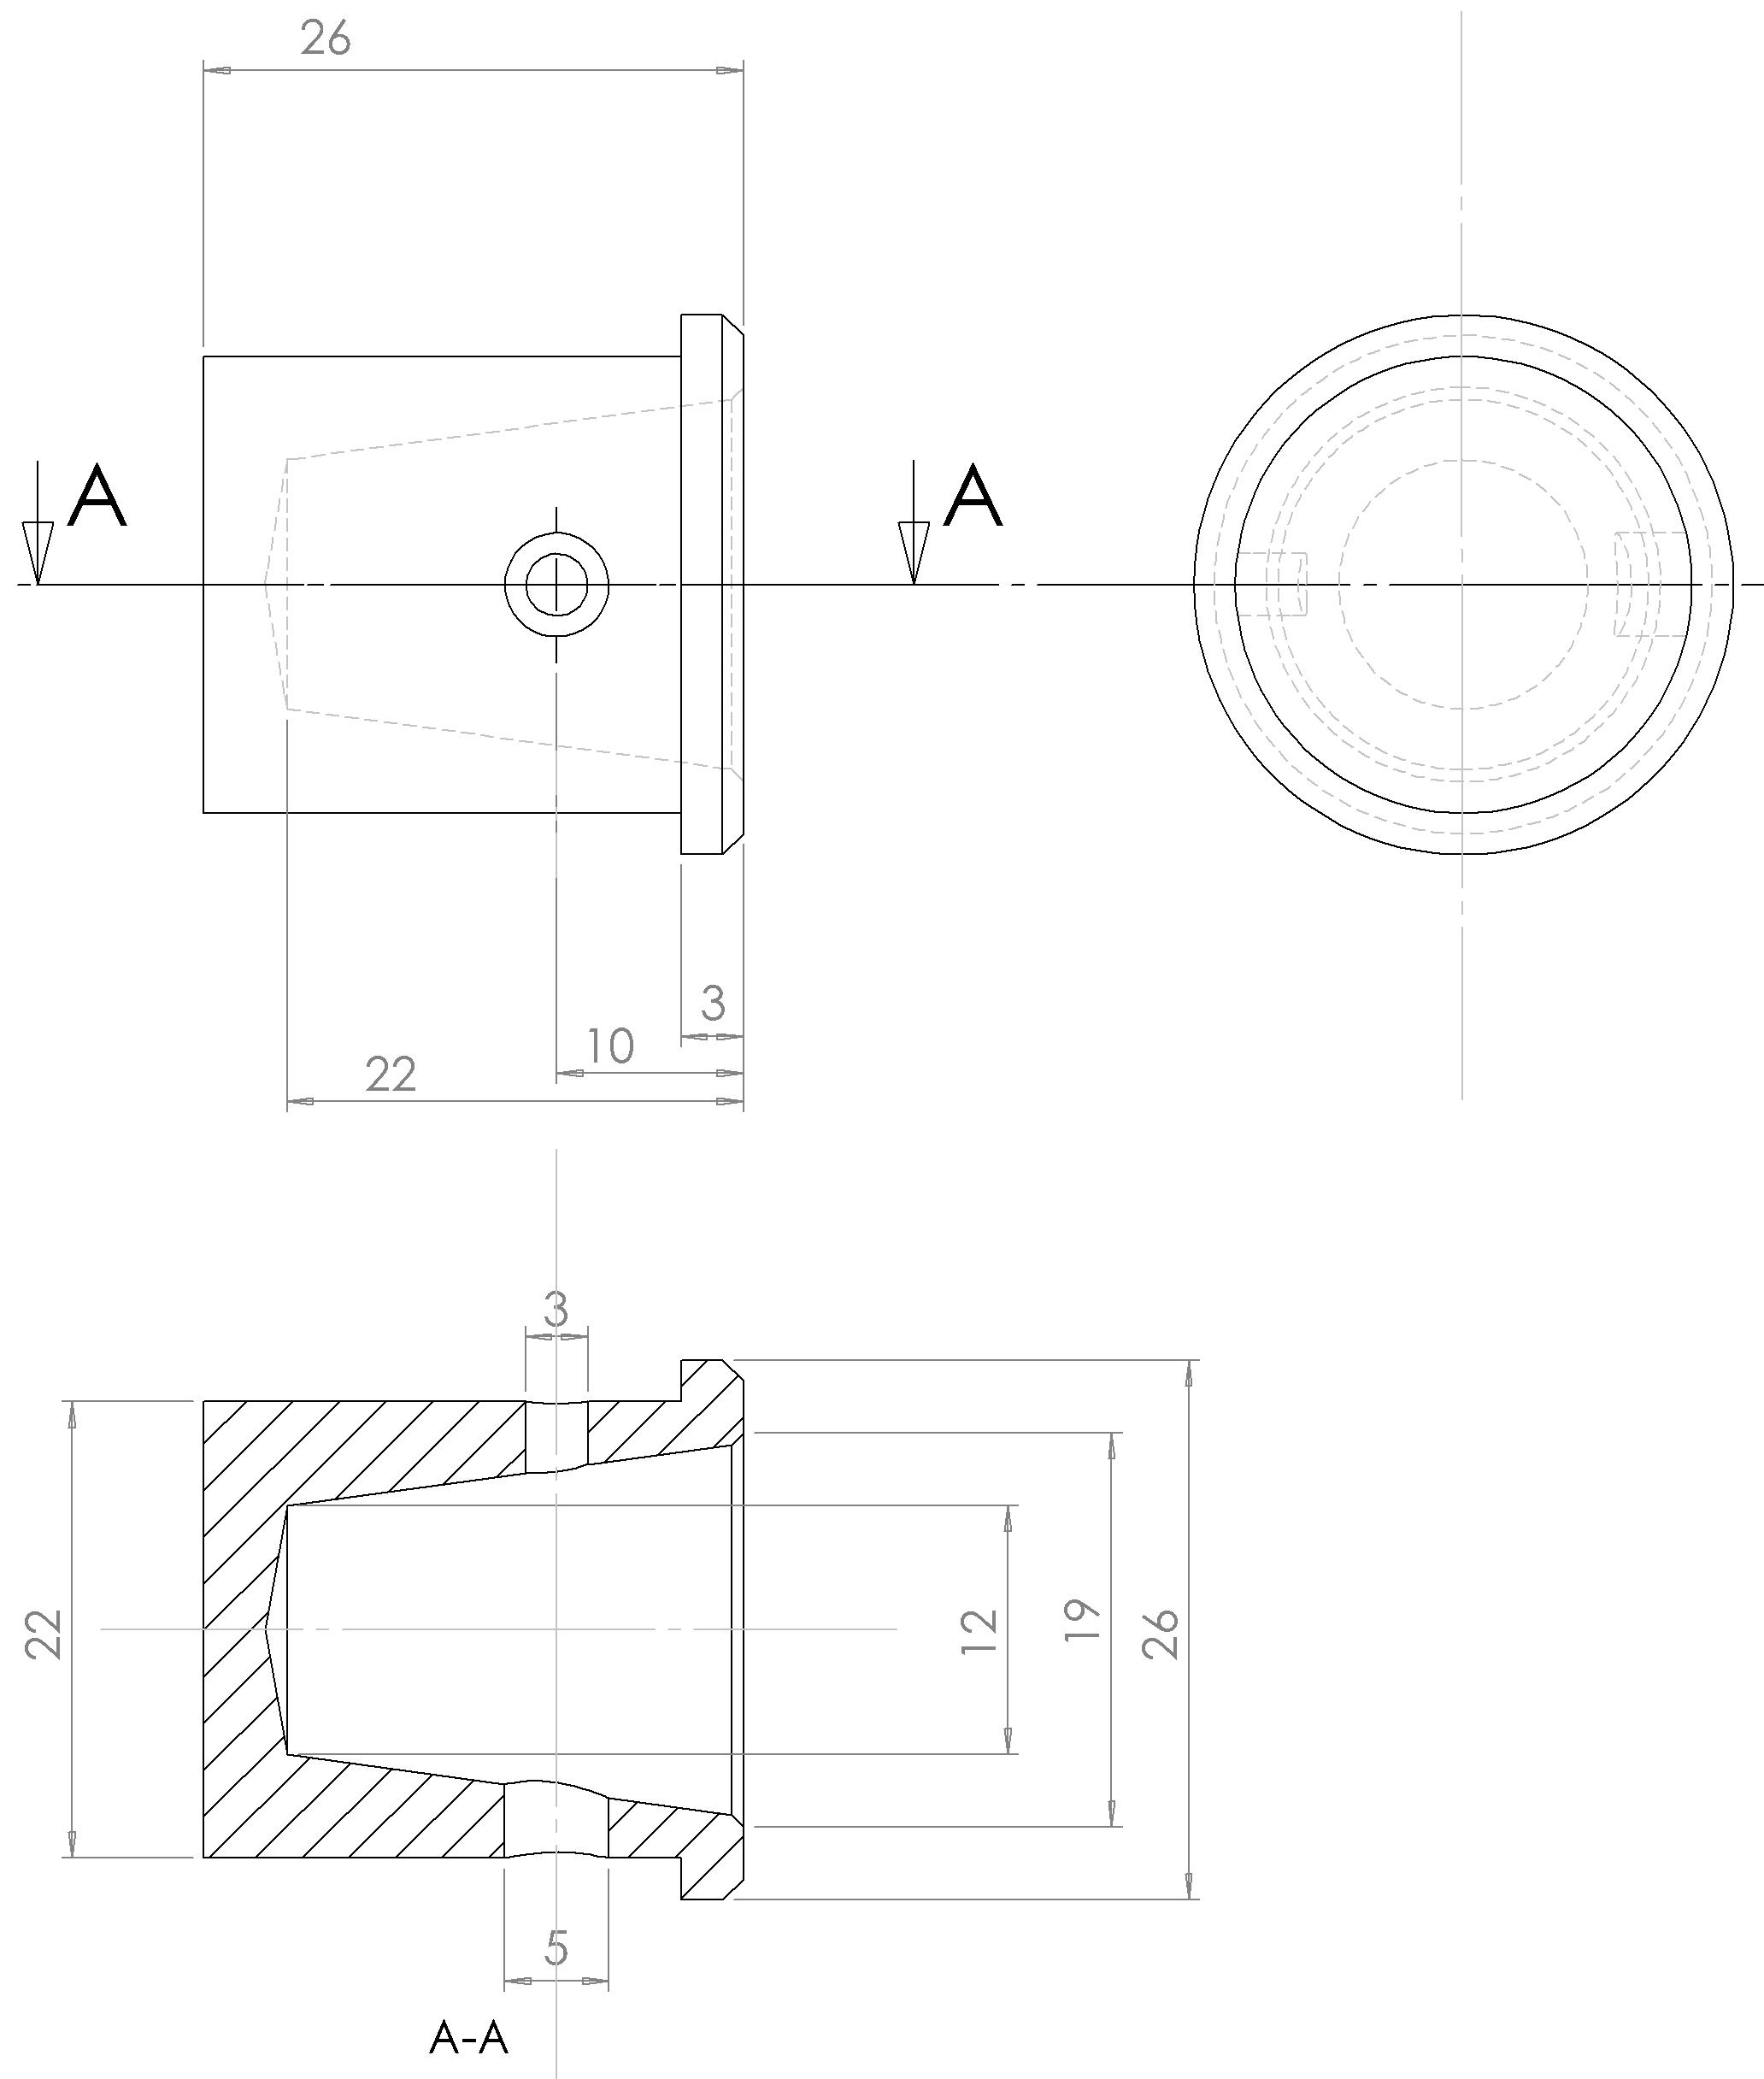 رسم هندسي ويكيبيديا الموسوعة الحرة